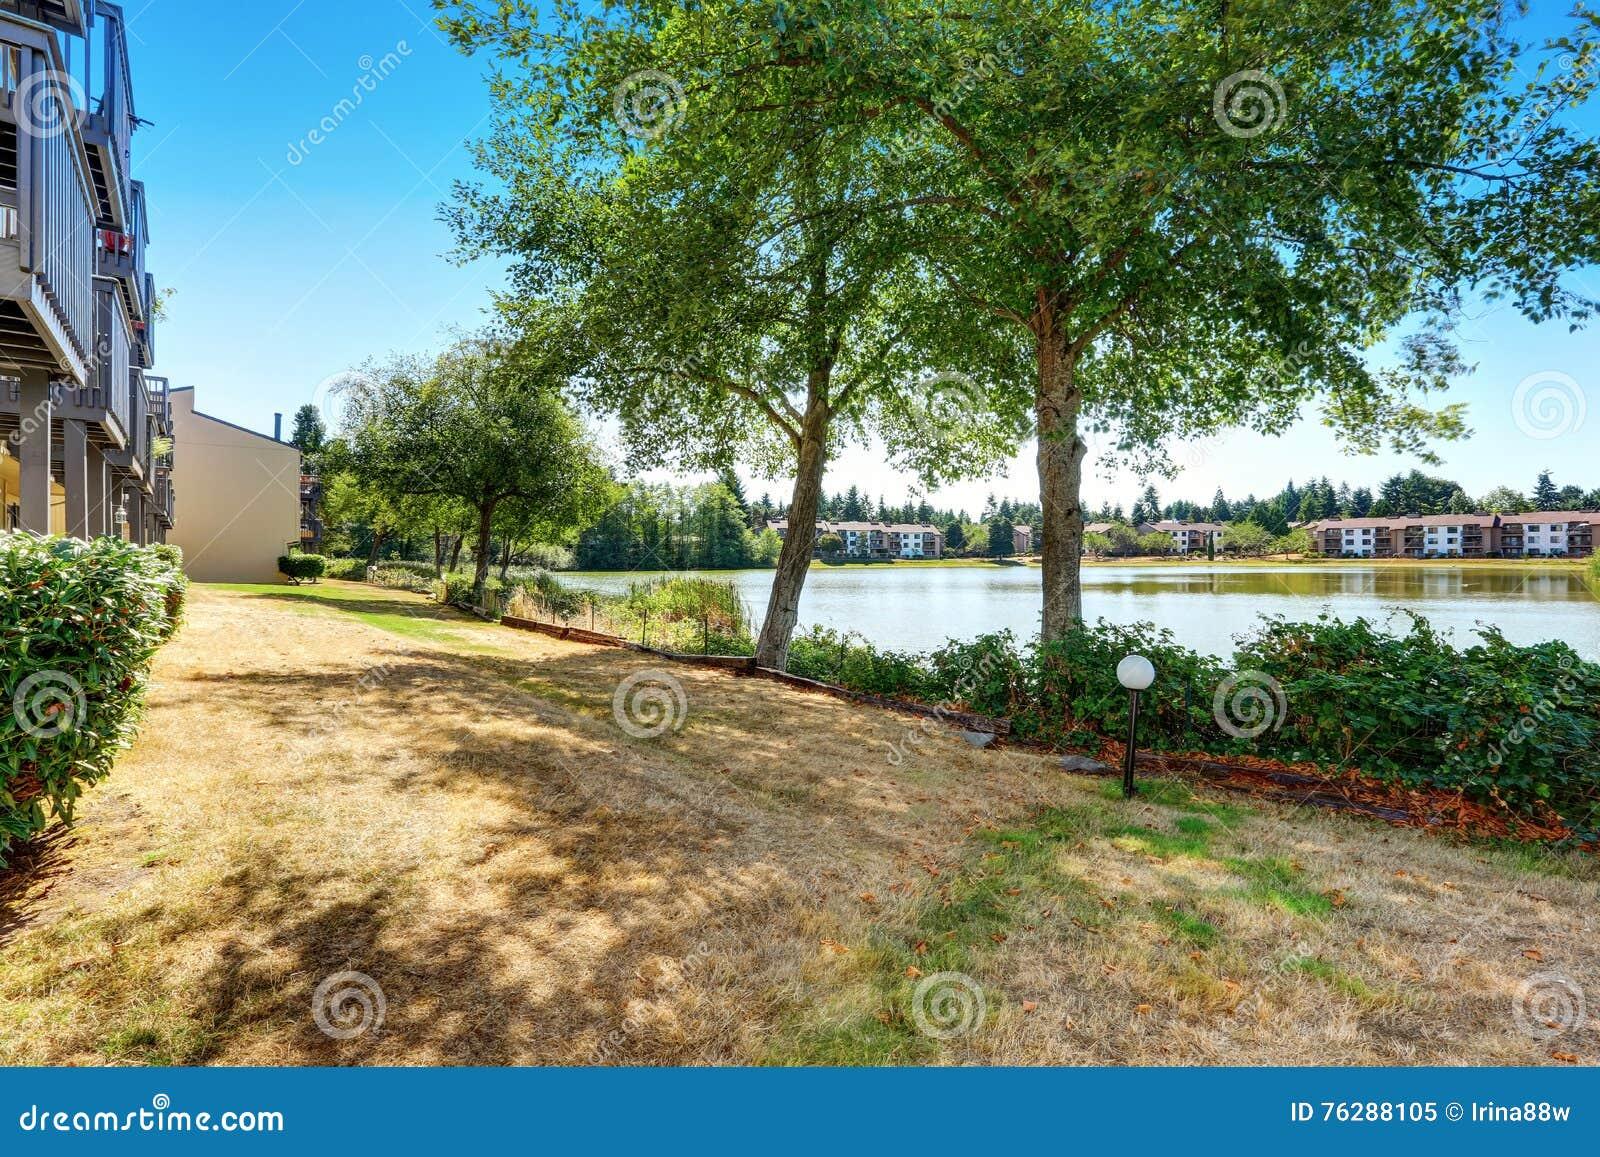 Eigentumswohnungswohnungshäuser, die einen kleinen See übersehen